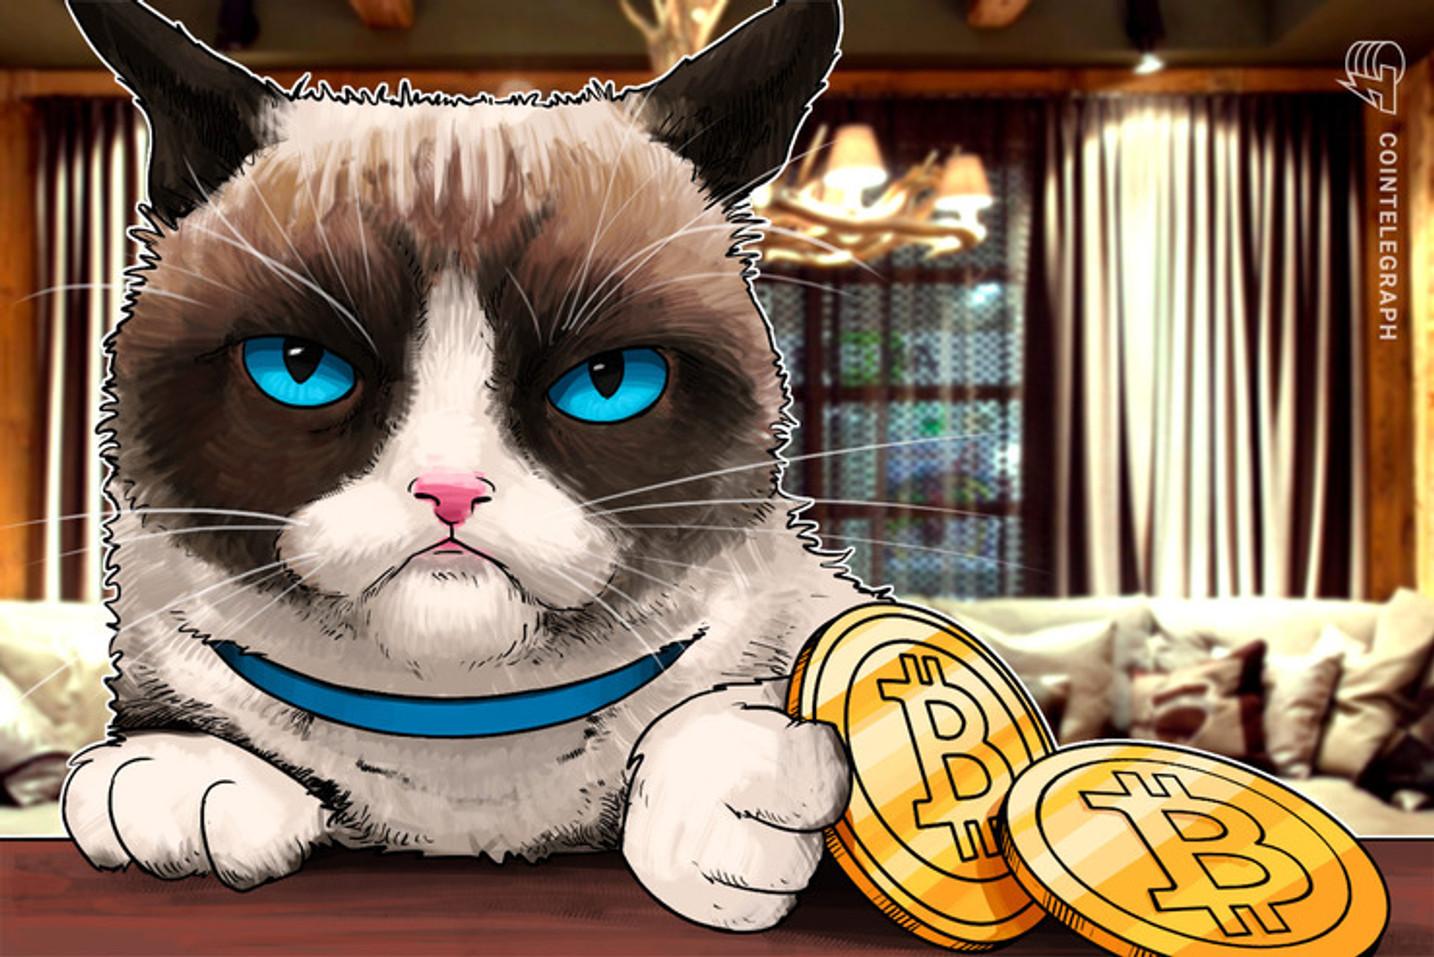 El 'Hodl' de Bitcoin es el más alto entre los usuarios de criptomonedas